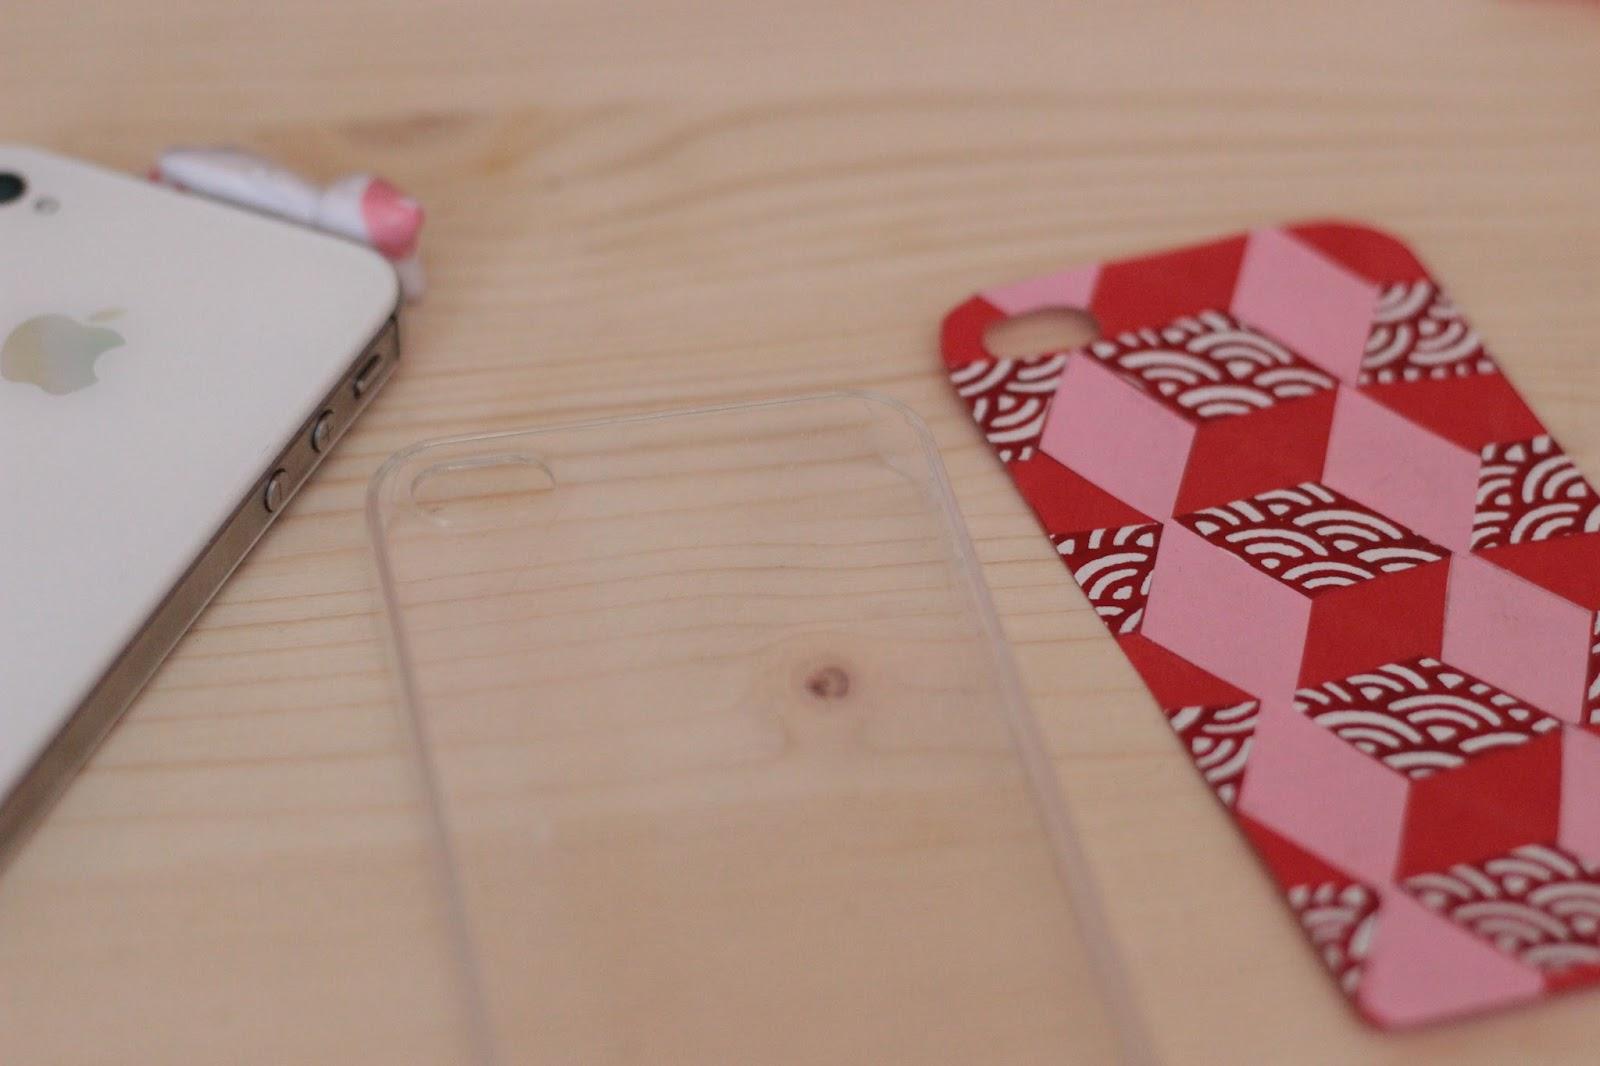 personnaliser sa coque de portable  diy papier